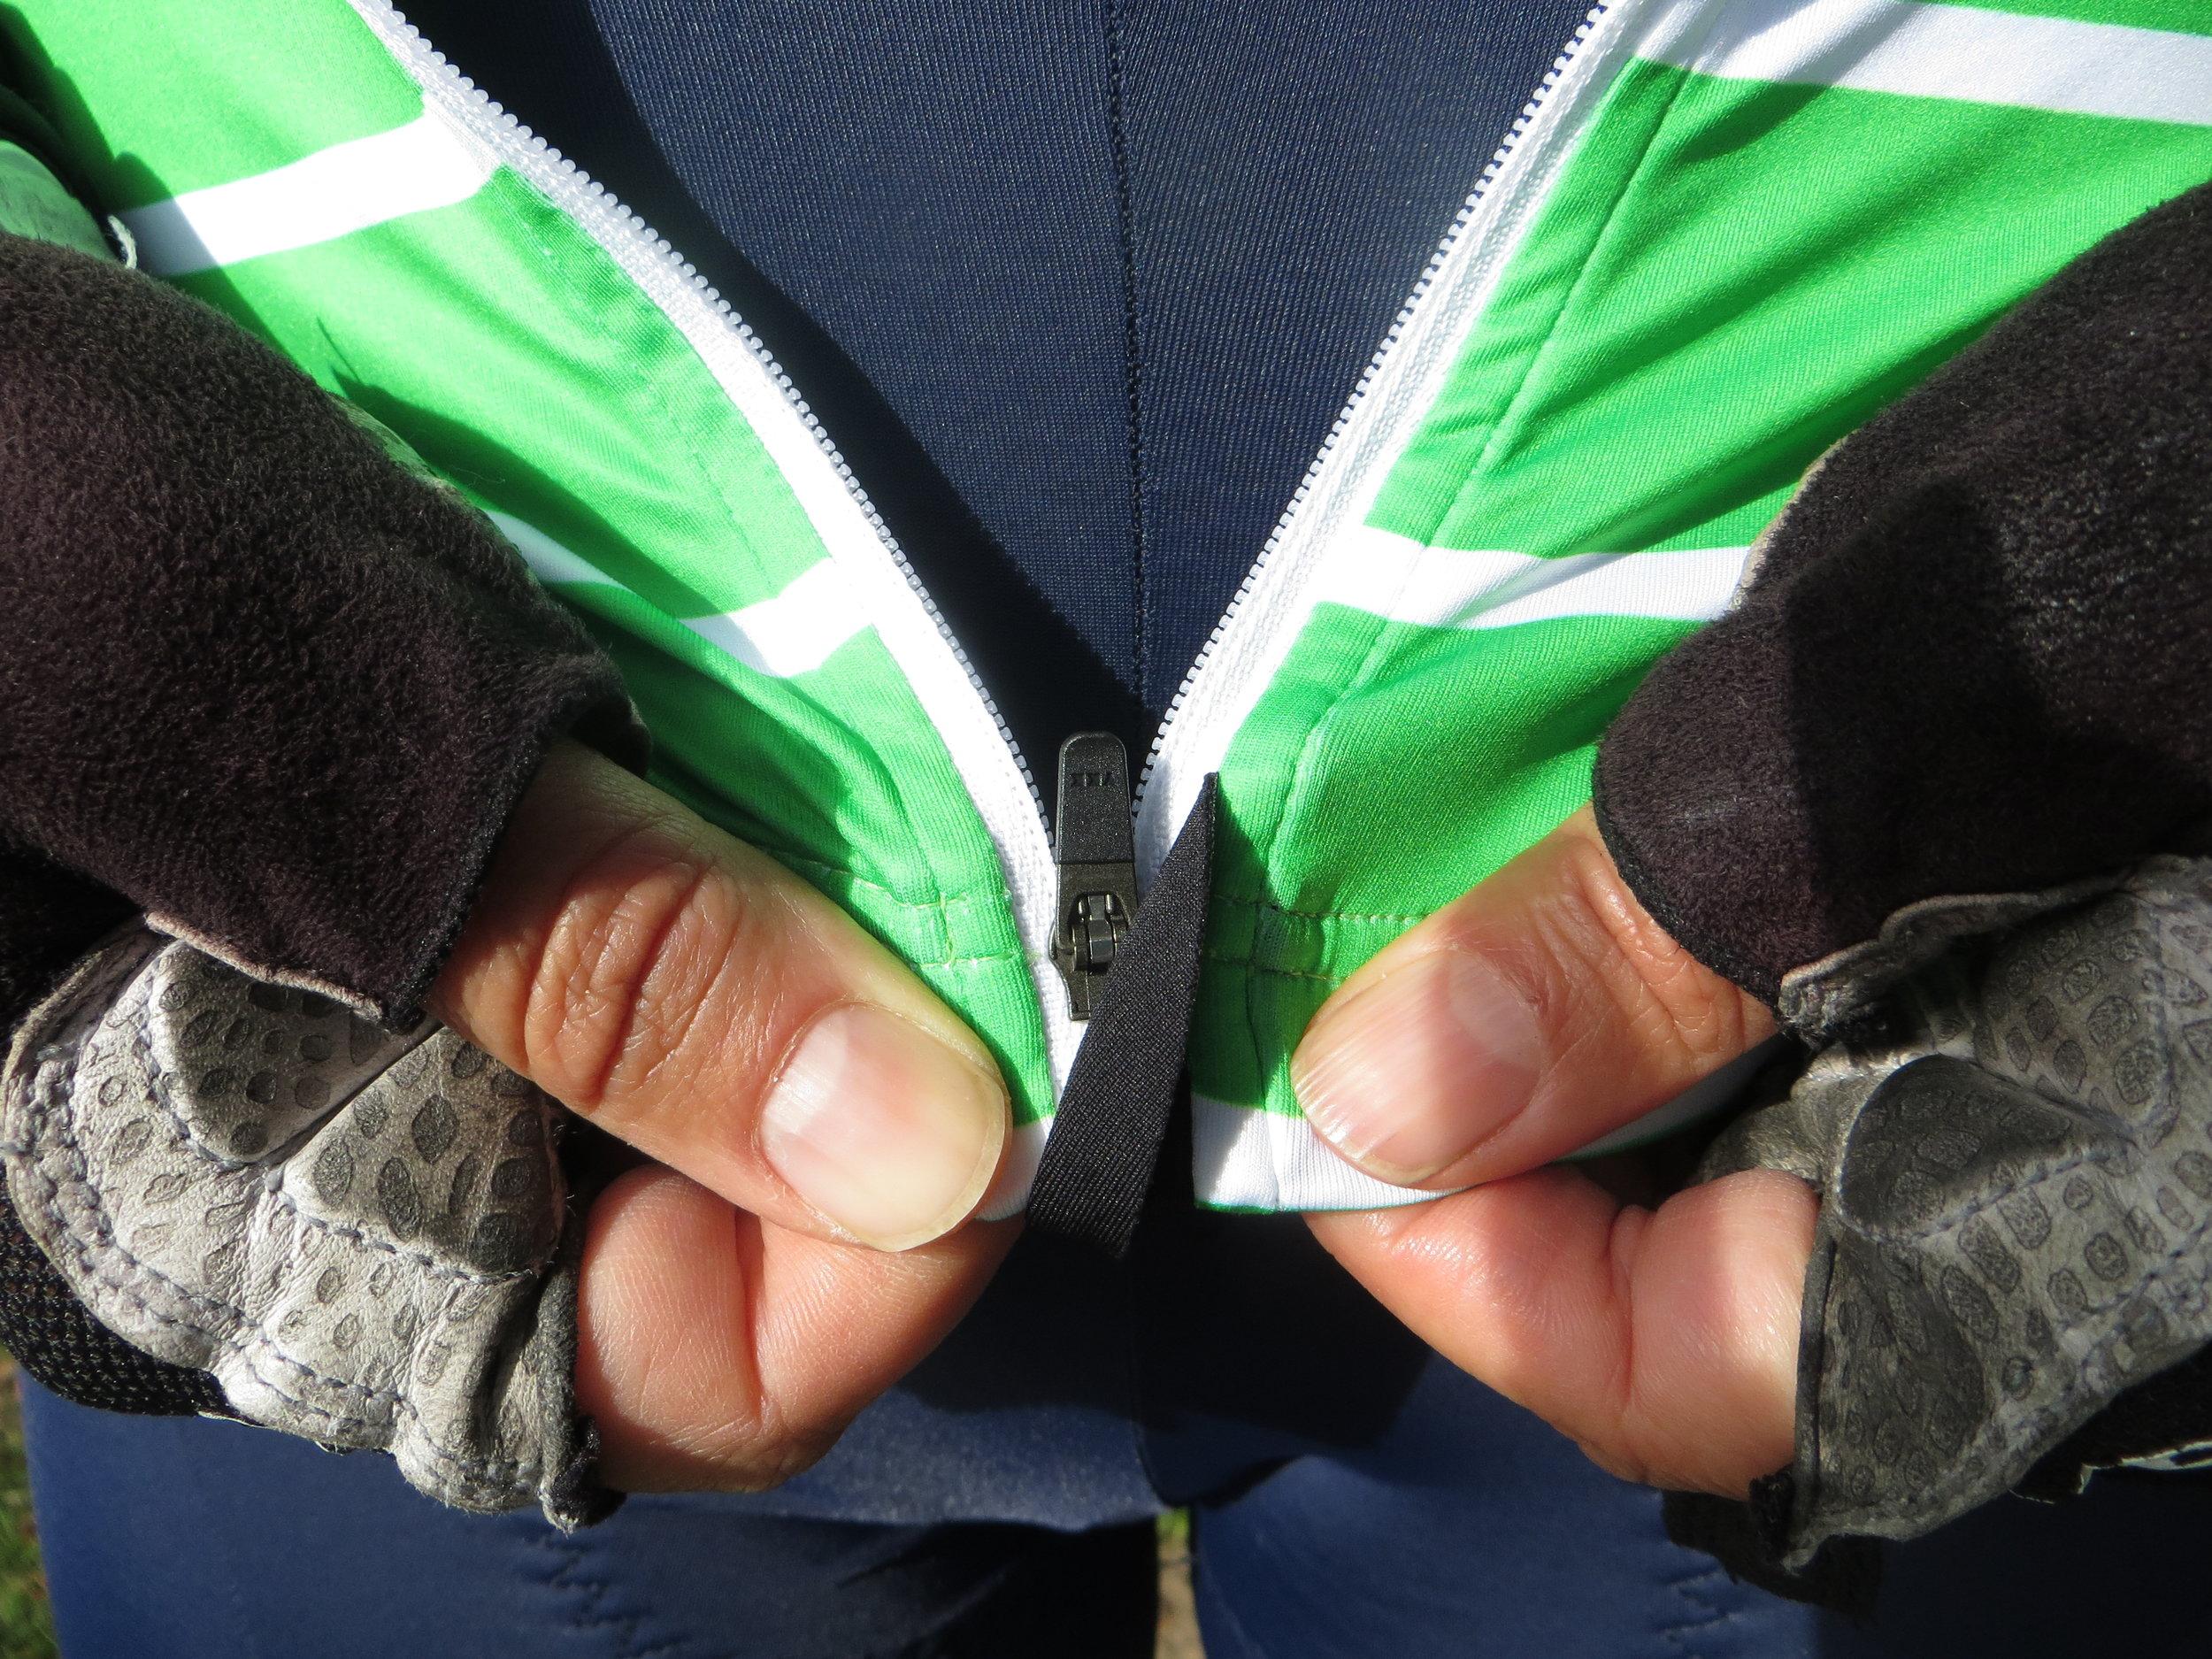 The jersey's smart zipper keeper